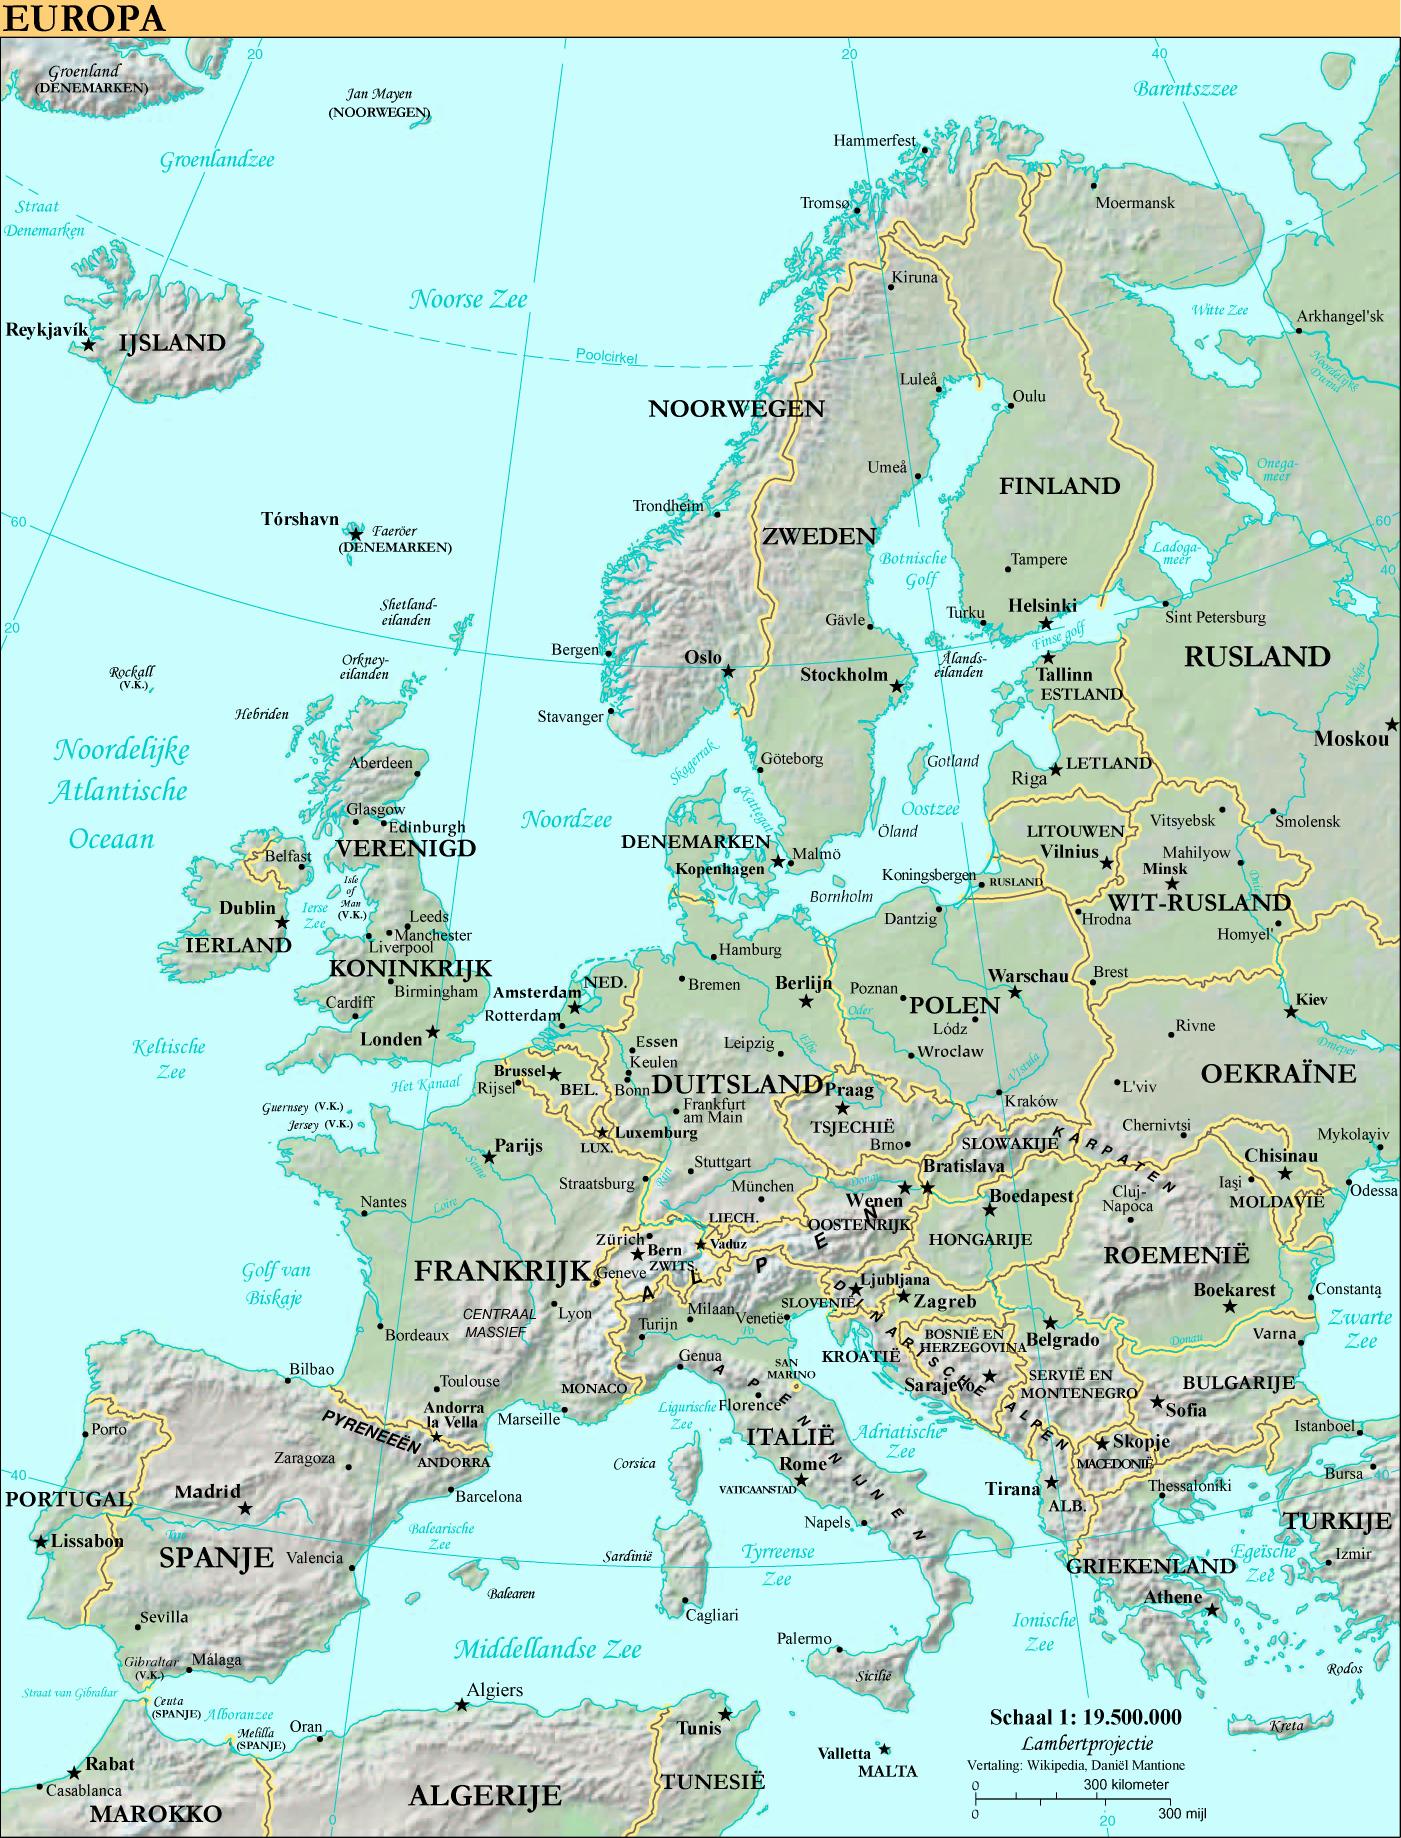 Beschrijving kaart europa